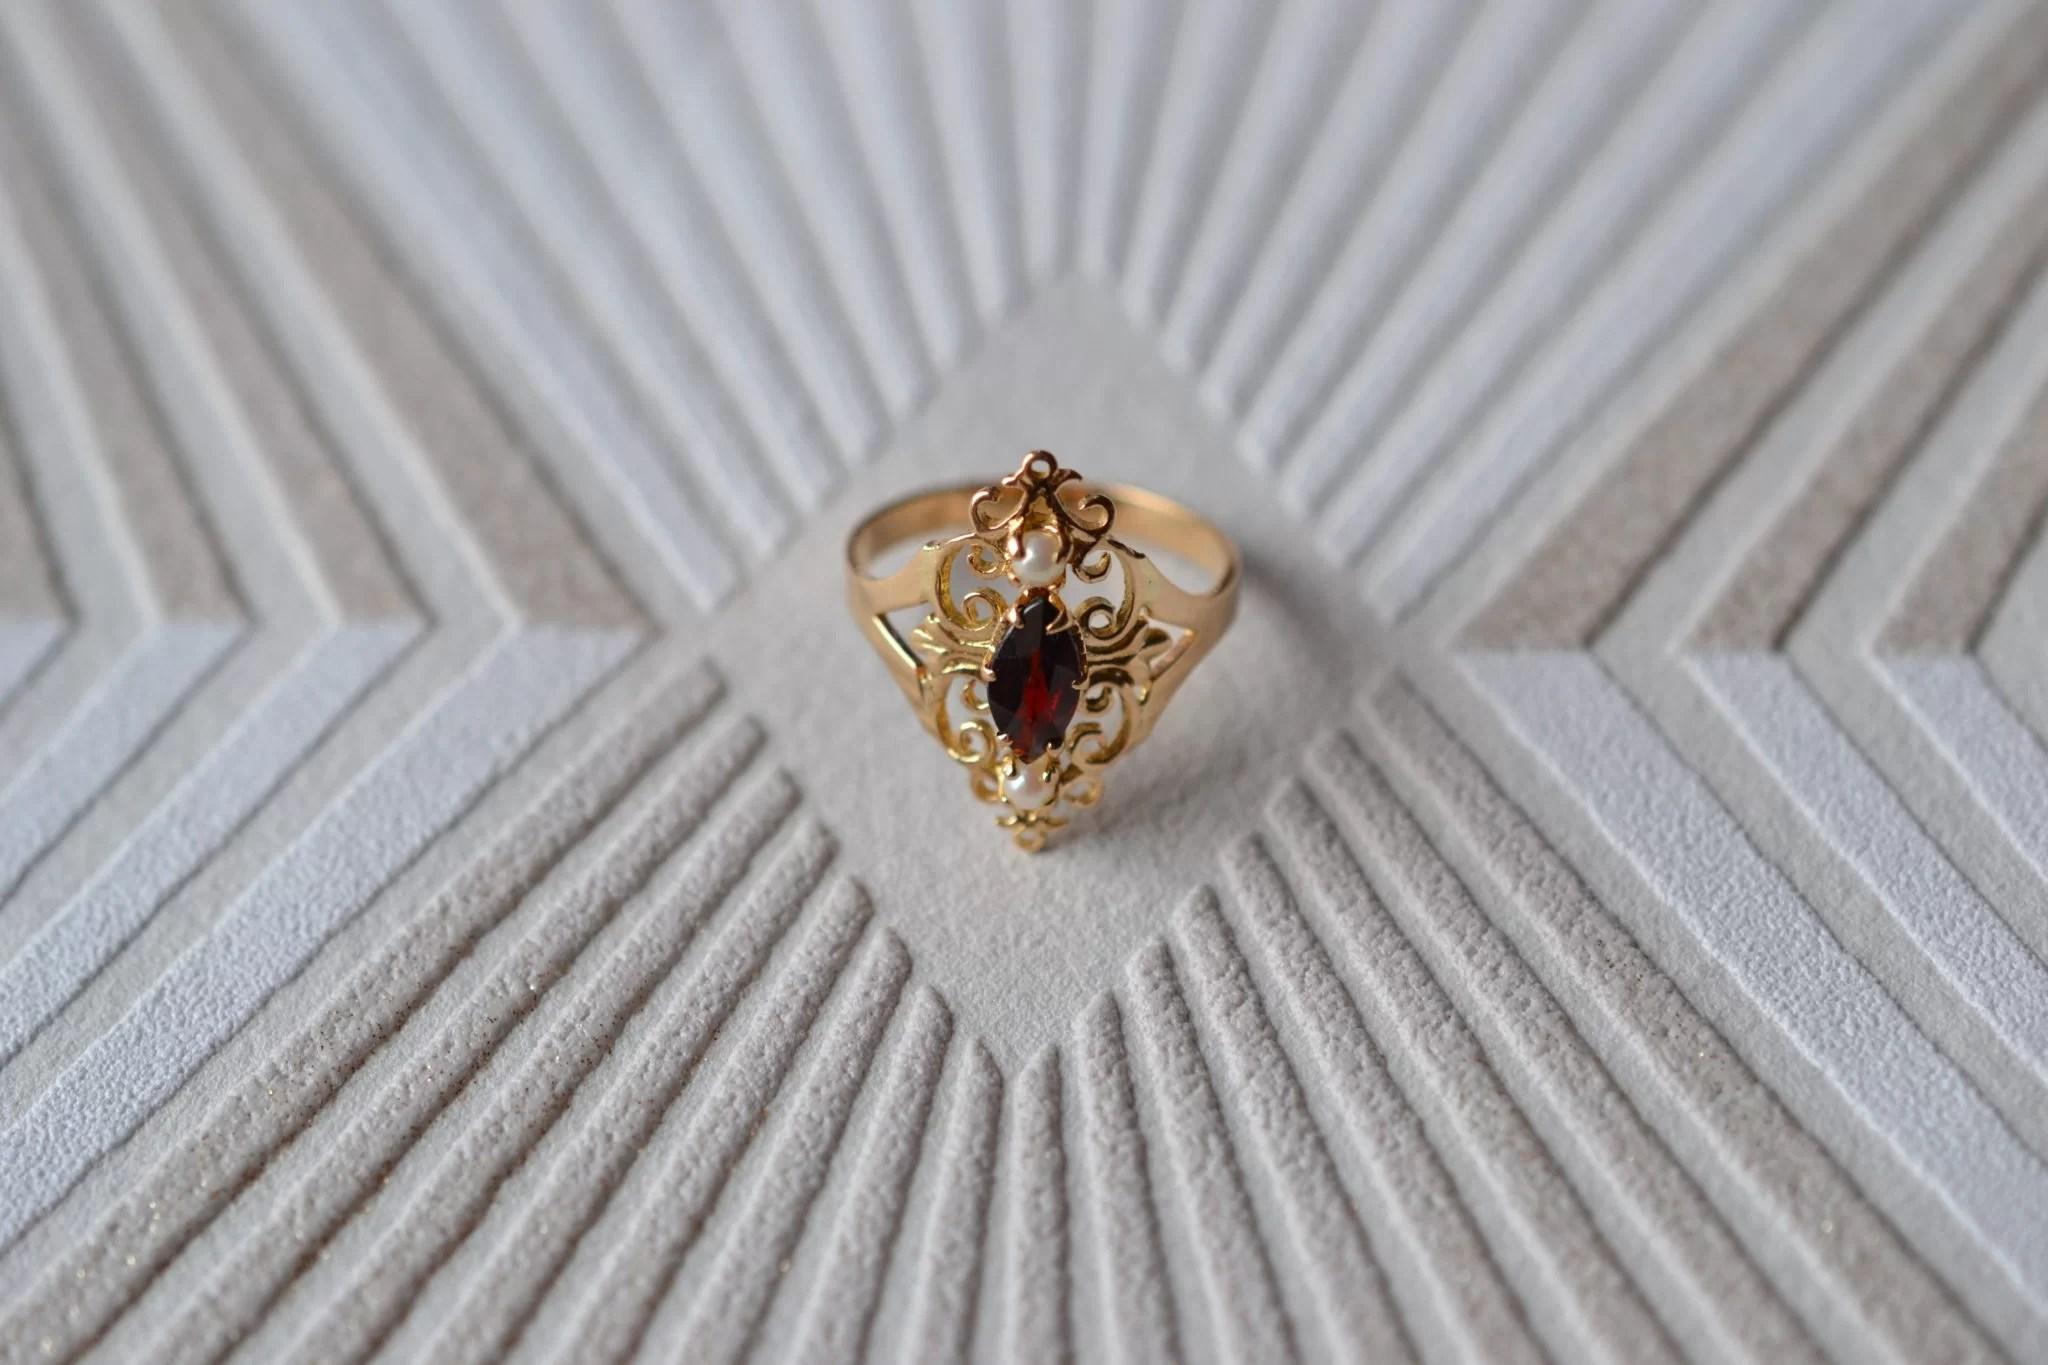 Bague En Or Jaune Ornée D_une Pierre Bordeaux Accompagnée De Deux Perles - Bague De Fiançailles Vintage